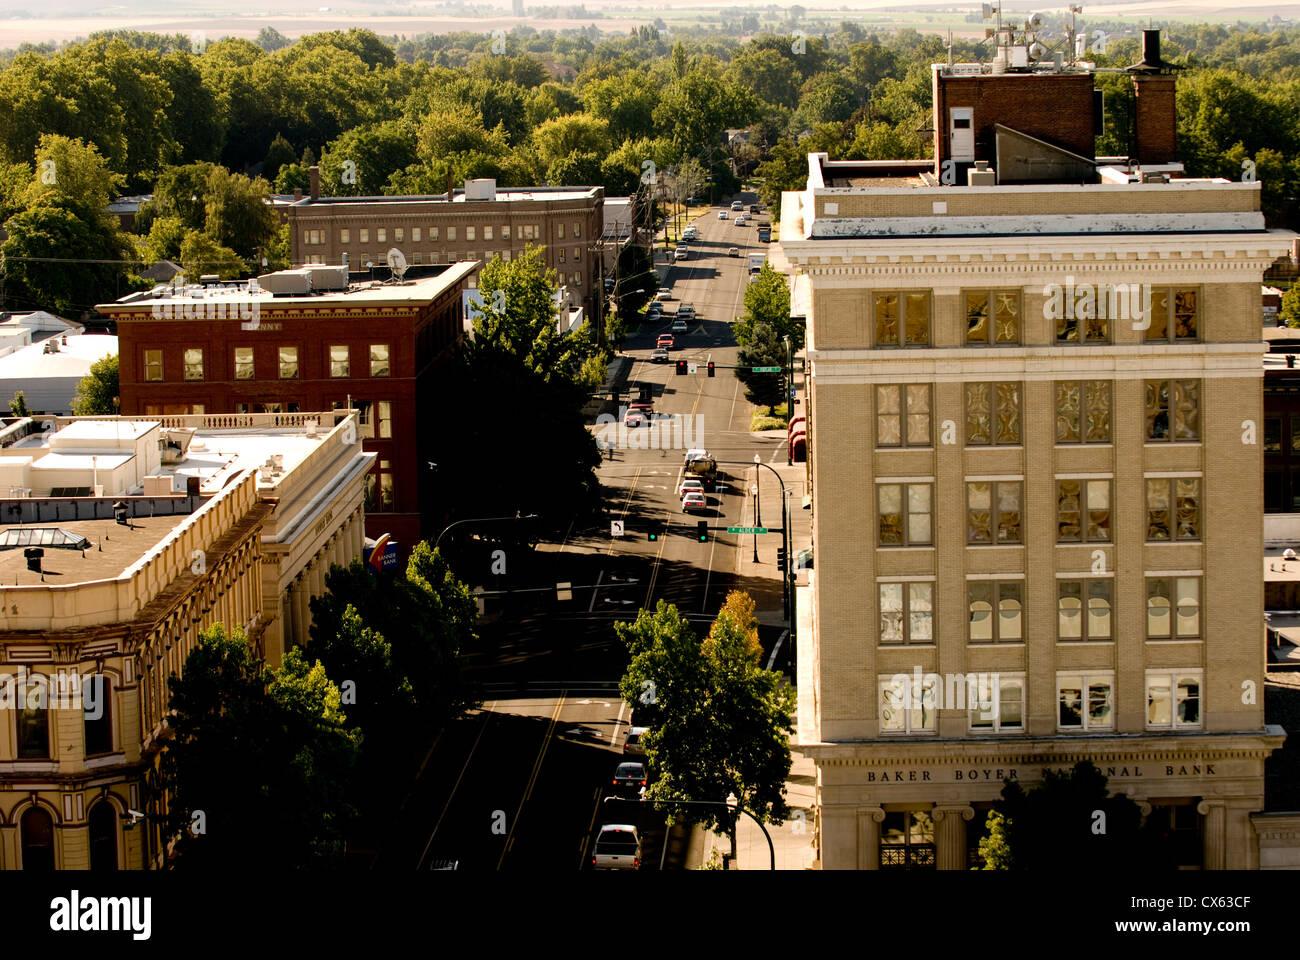 Aussicht auf die Innenstadt Walla Walla Walla Walla, Washington State, USA Stockfoto